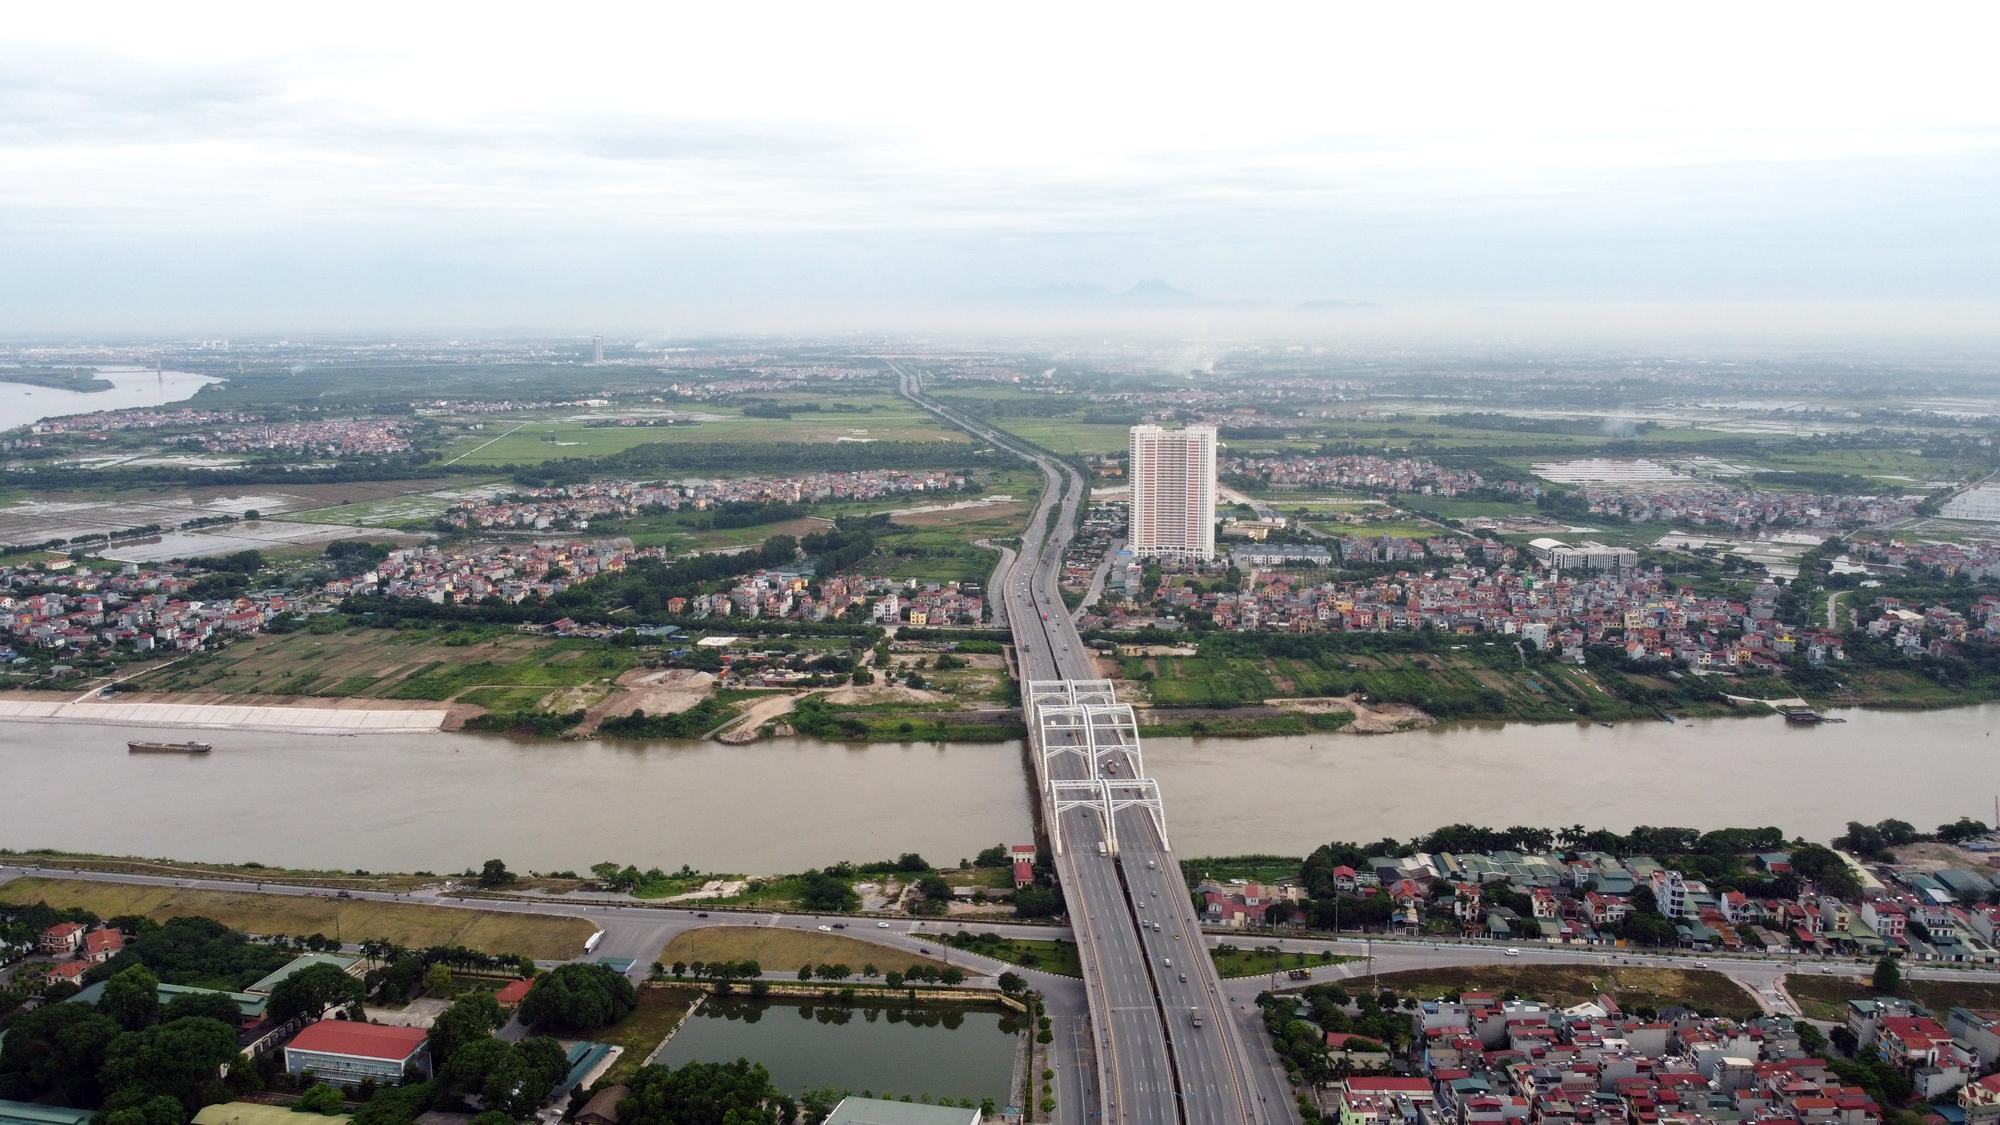 Hà Nội: Toàn cảnh các khu dân cư ven sông Hồng, sông Đuống thuộc diện di dời - Ảnh 14.